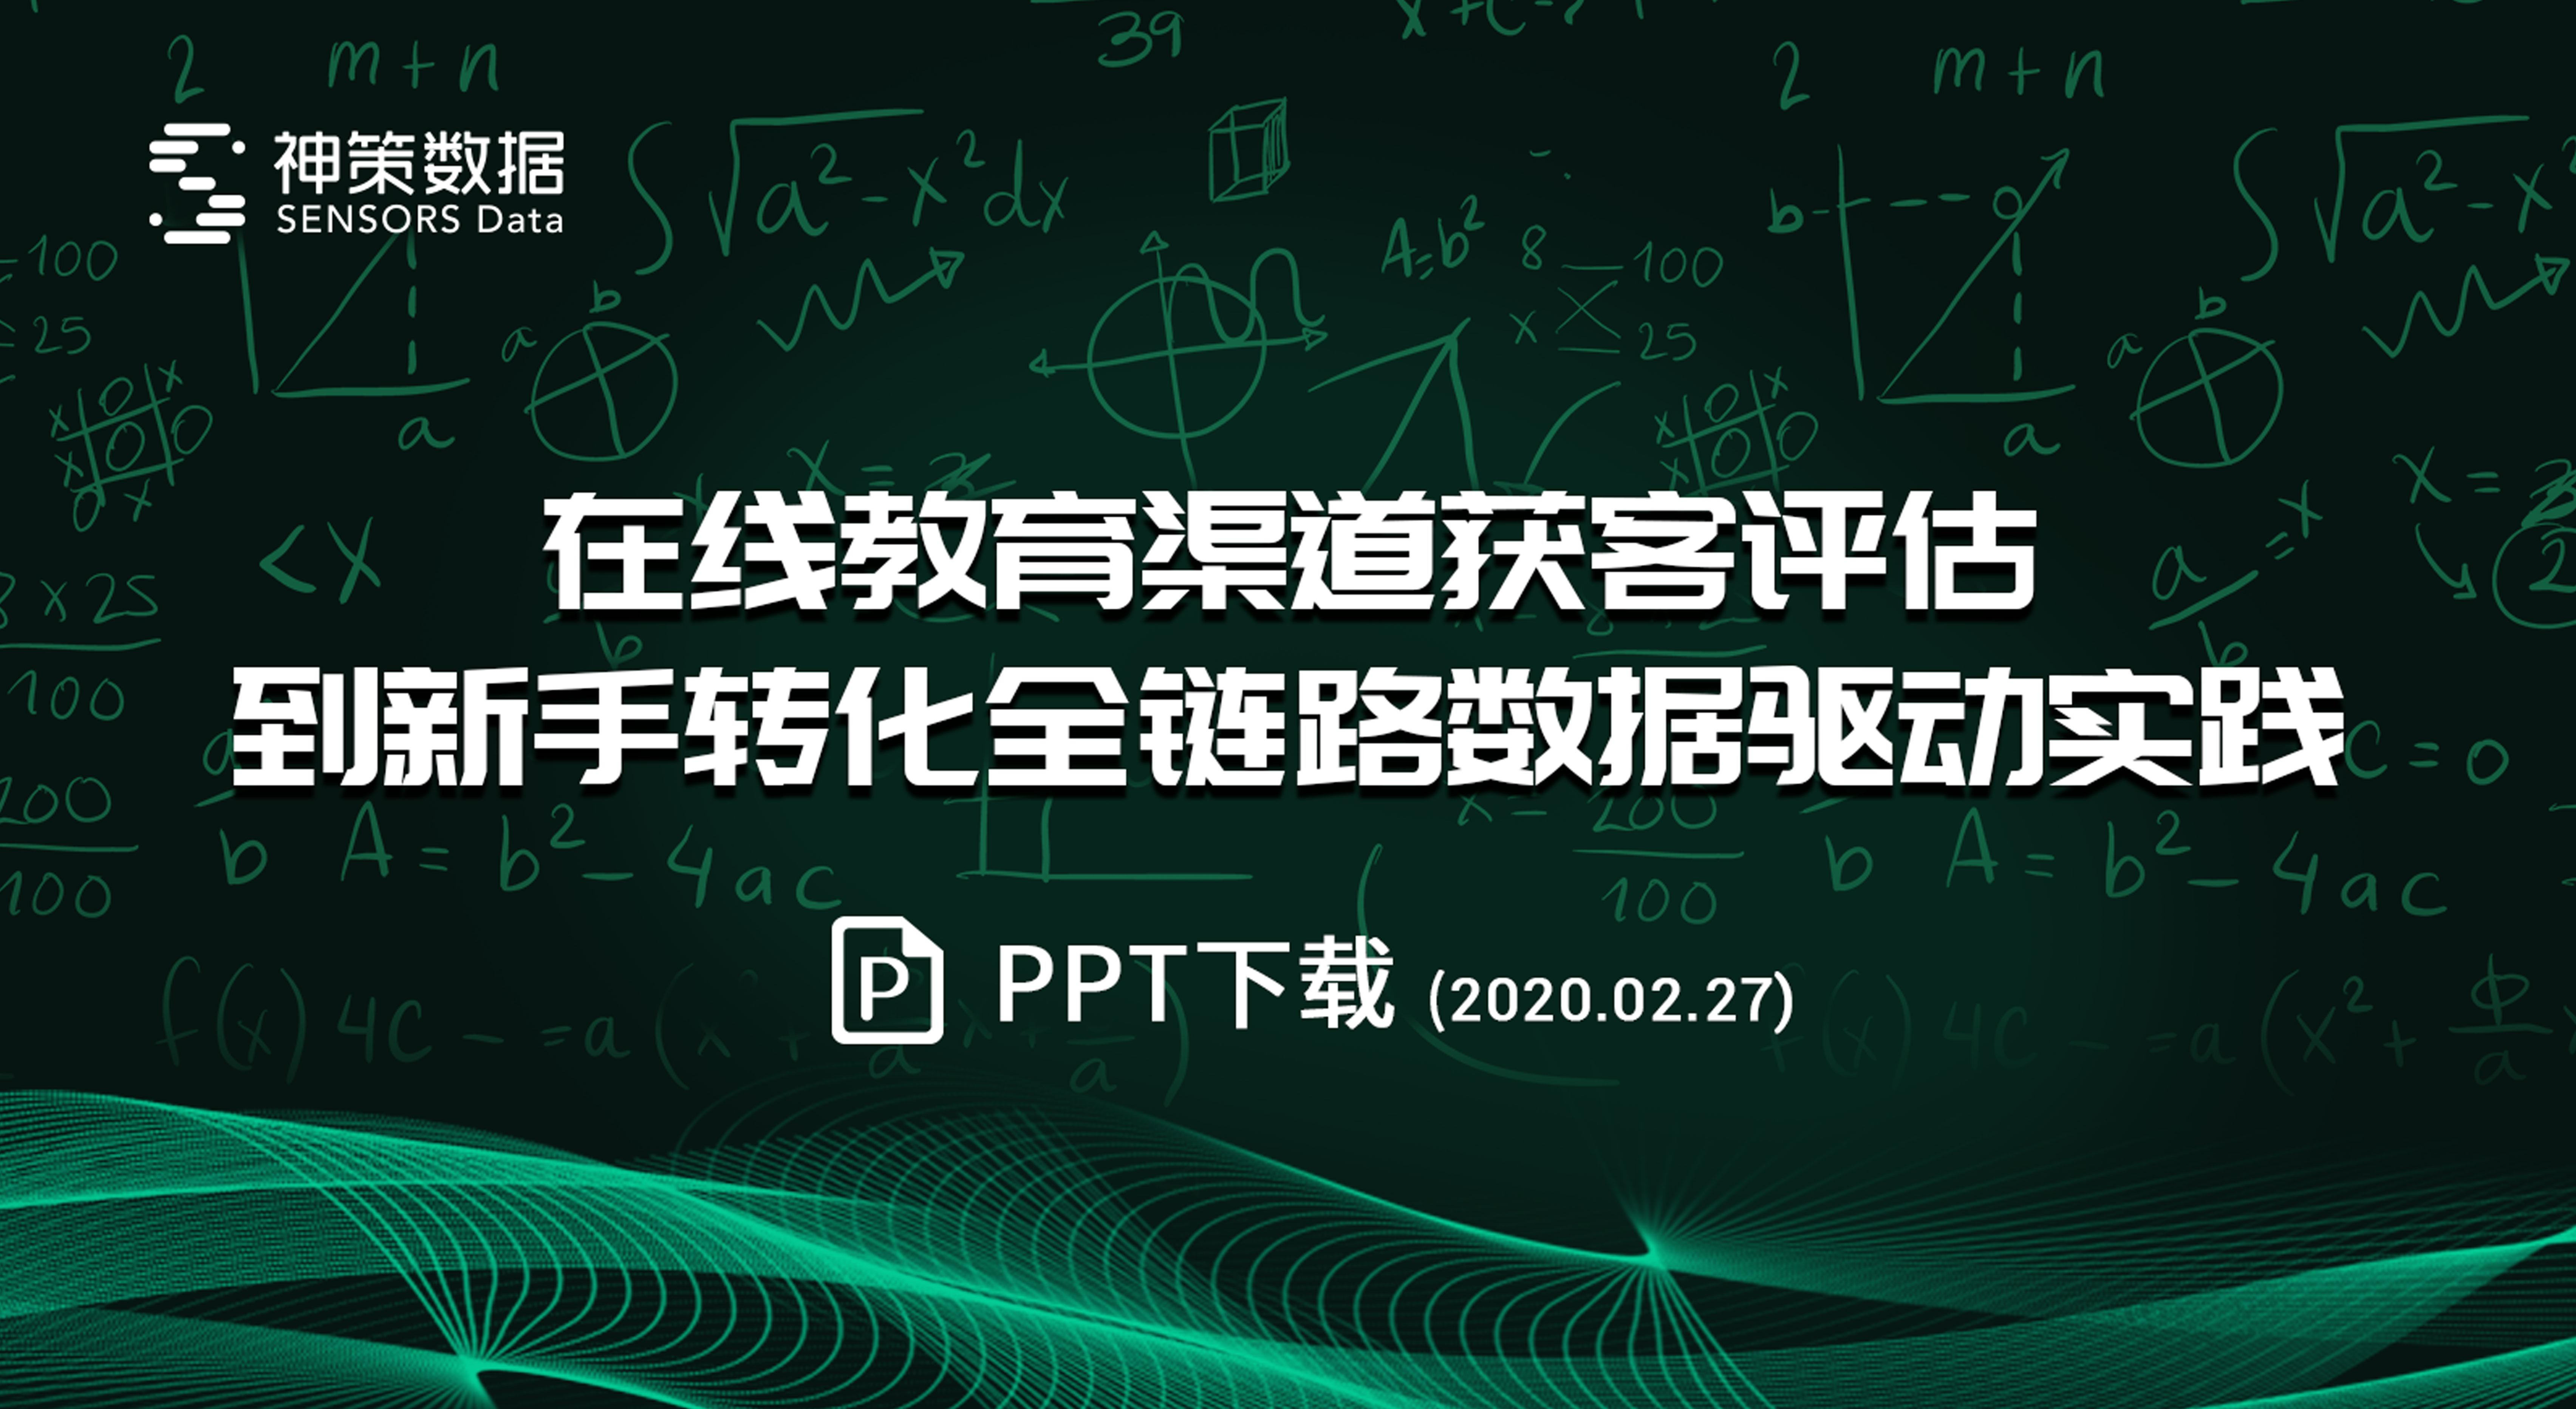 2a0ea61c9247d24aa5a2555f80687298.pdf